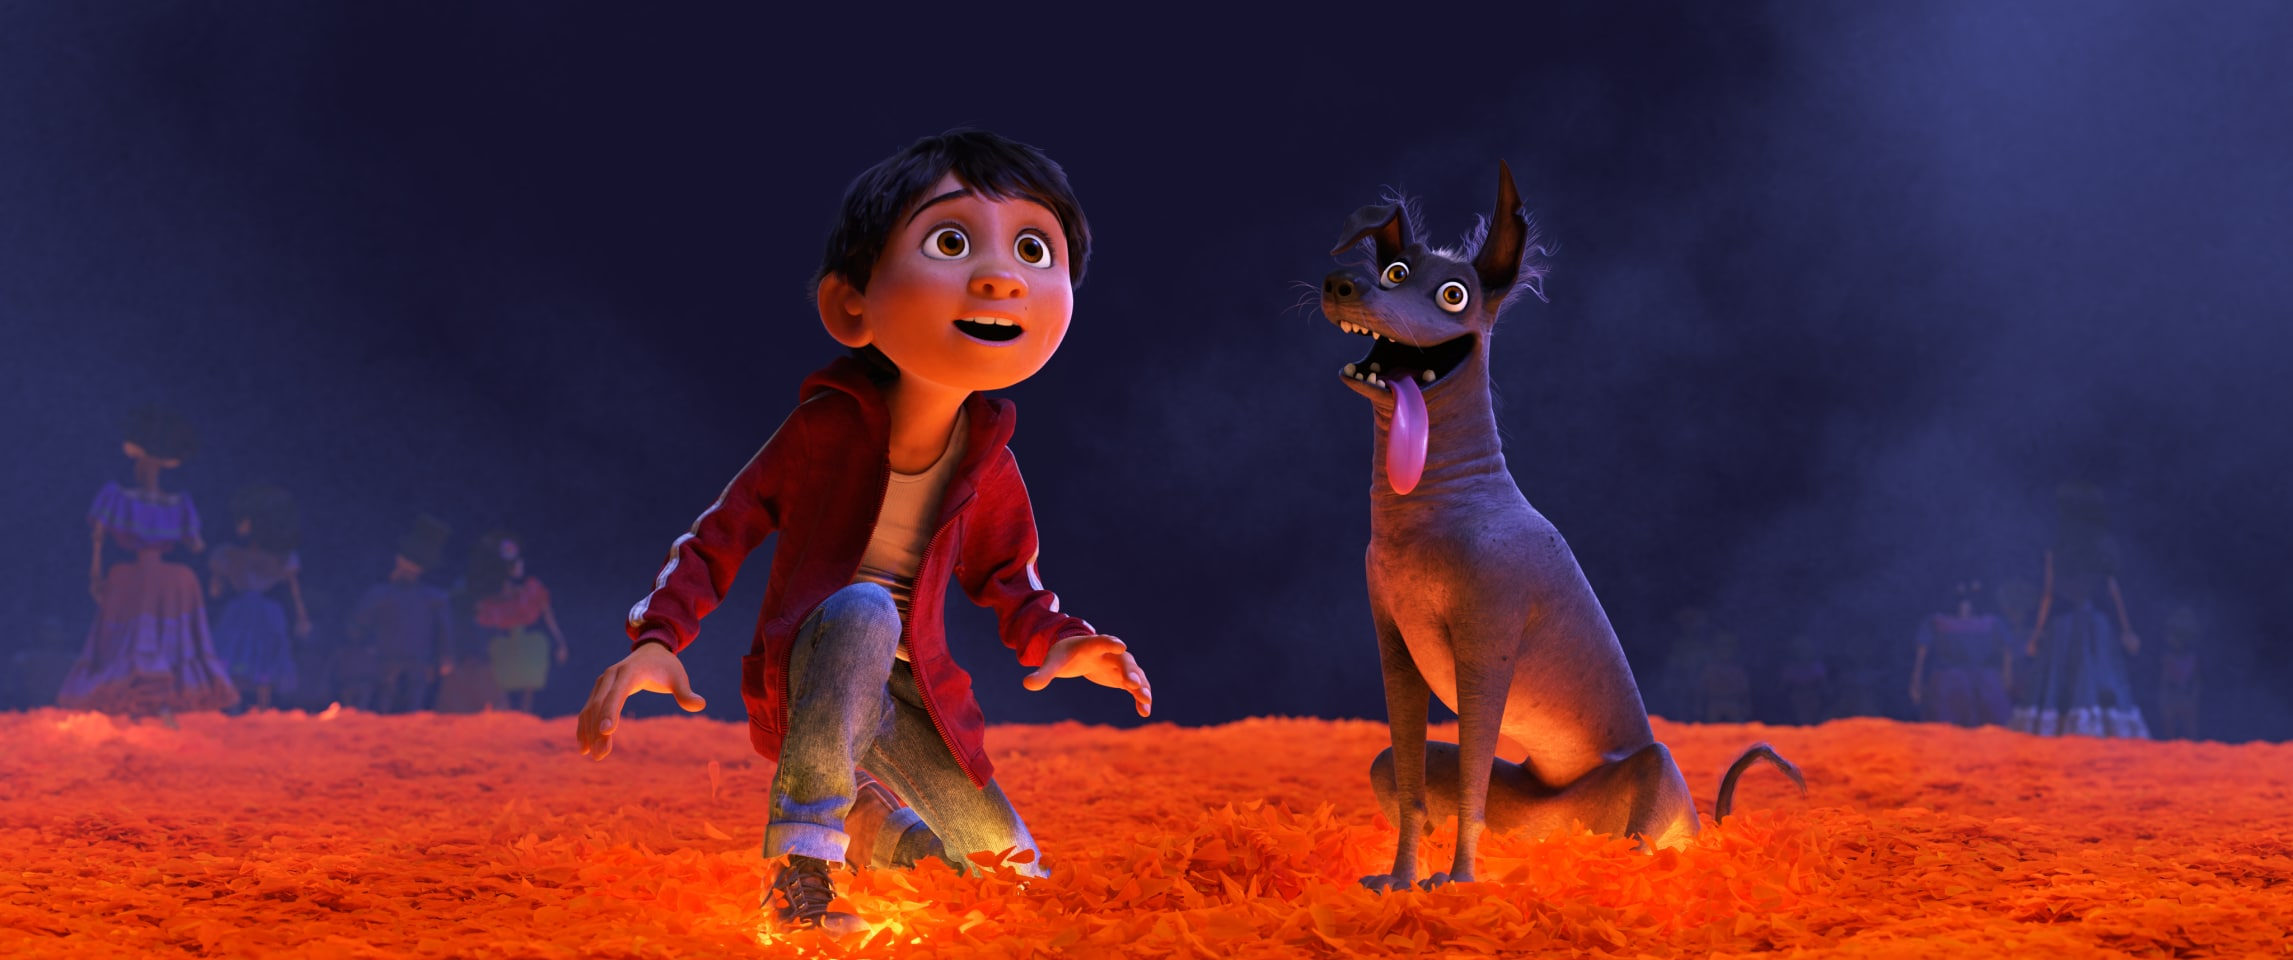 Galaxy theatres green valley cinema henderson nv reviews - Coco